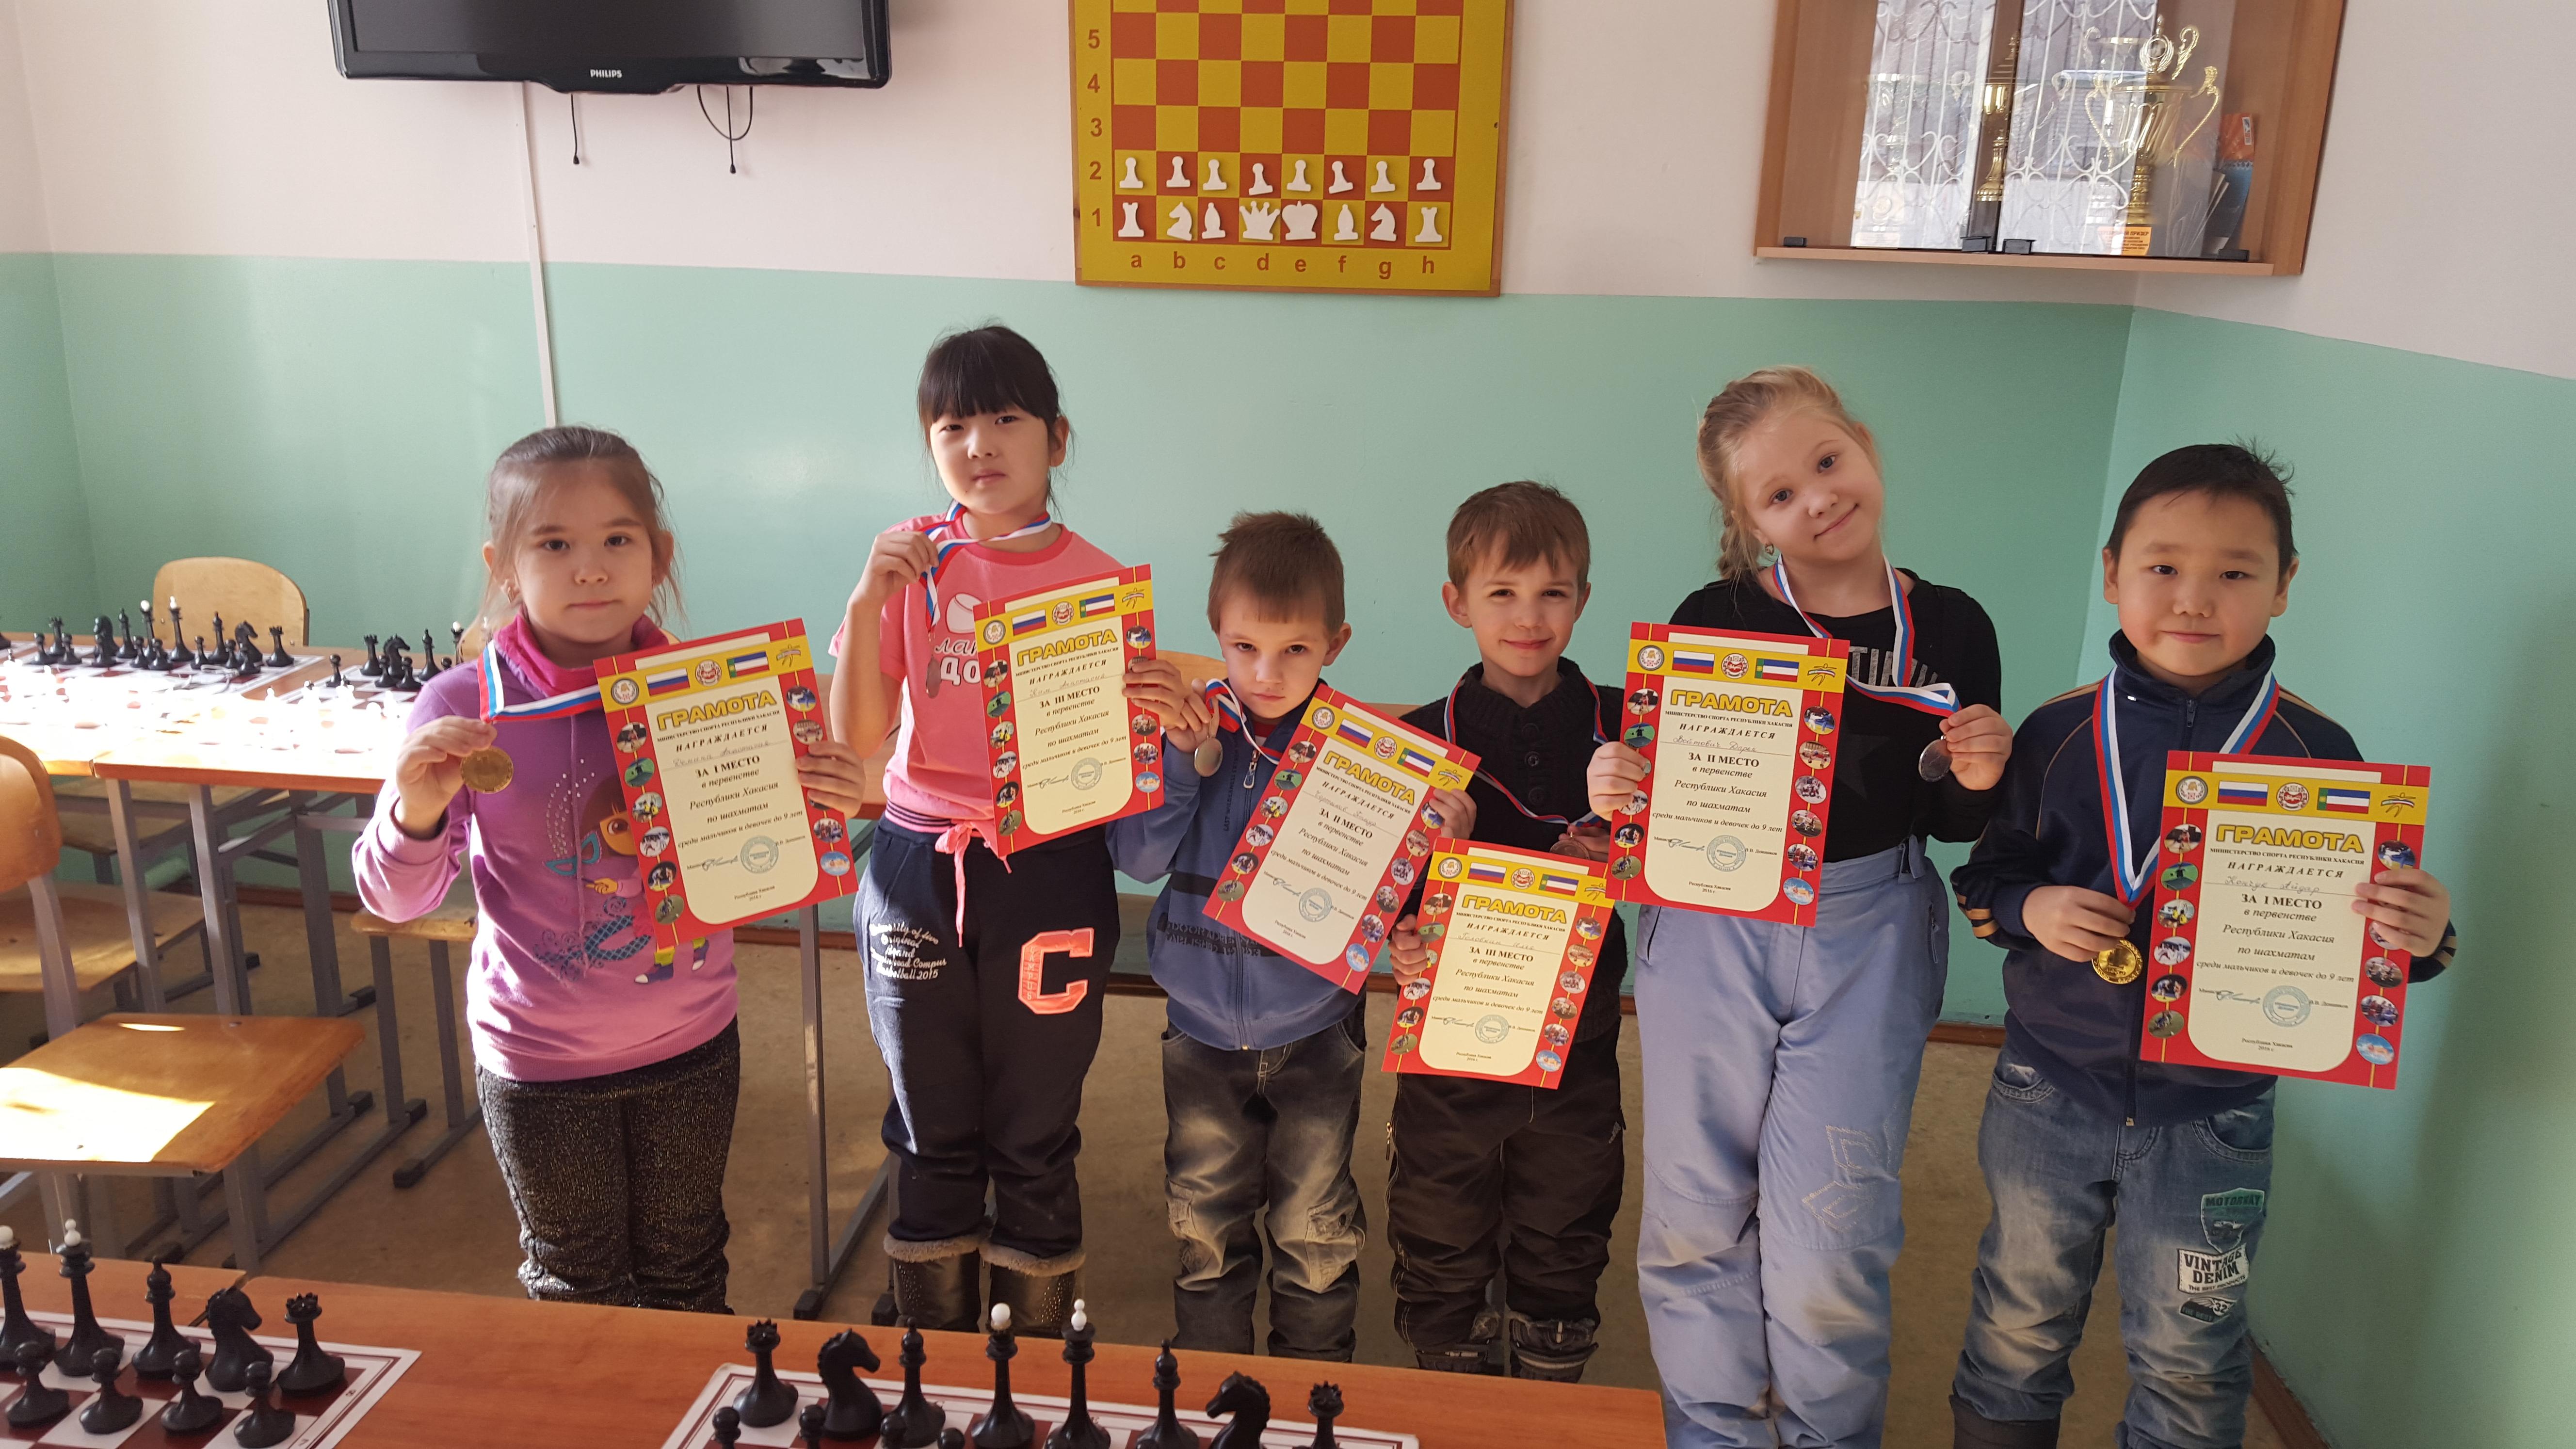 Слева направо: Настя Дёмина, Настя Ким, Тимур Чертыков, Илья Головкин, Даша Войтович и Айдар Кончук.